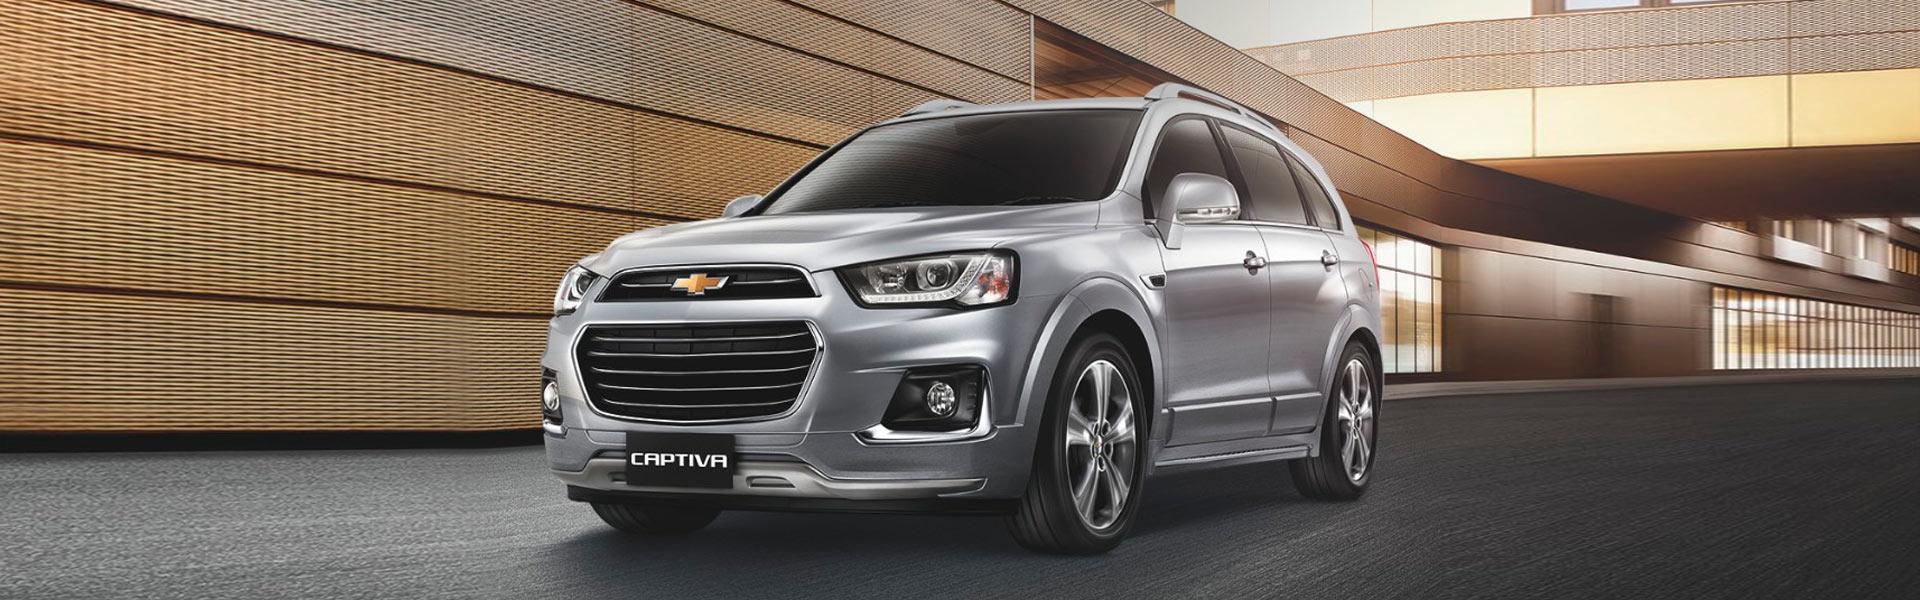 Топливный фильтр на Chevrolet Captiva